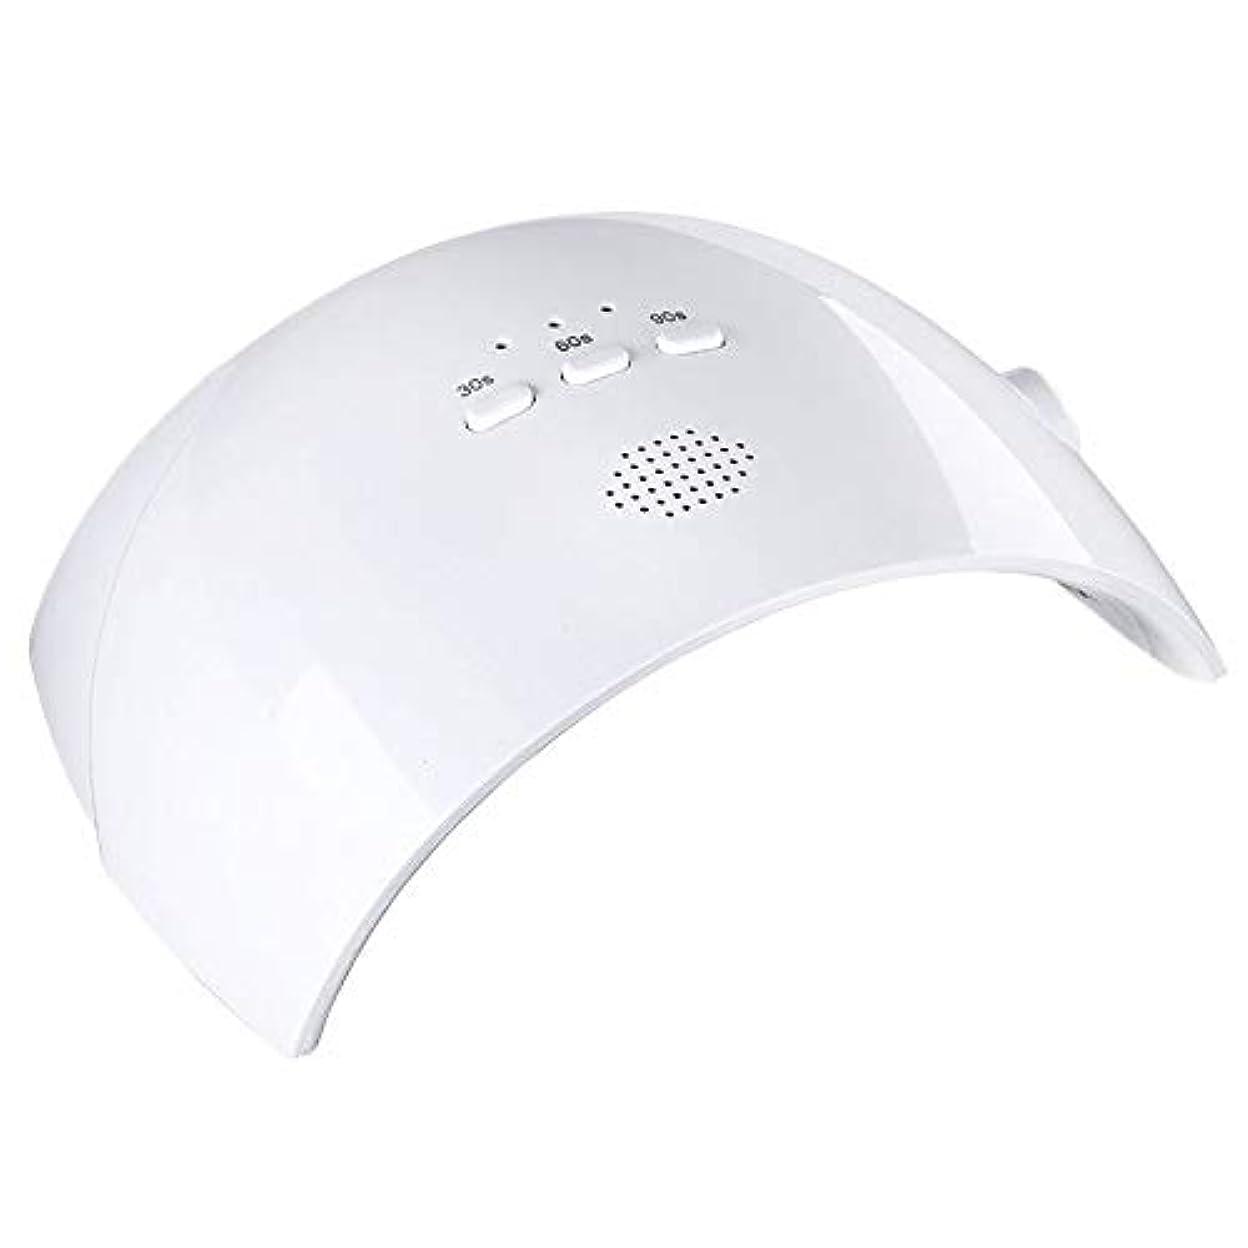 人気小道慣らすネイルライト、3タイマー設定付き36W UV LEDジェルネイルドライヤー - プロフェッショナルジェルネイルポリッシュランプ